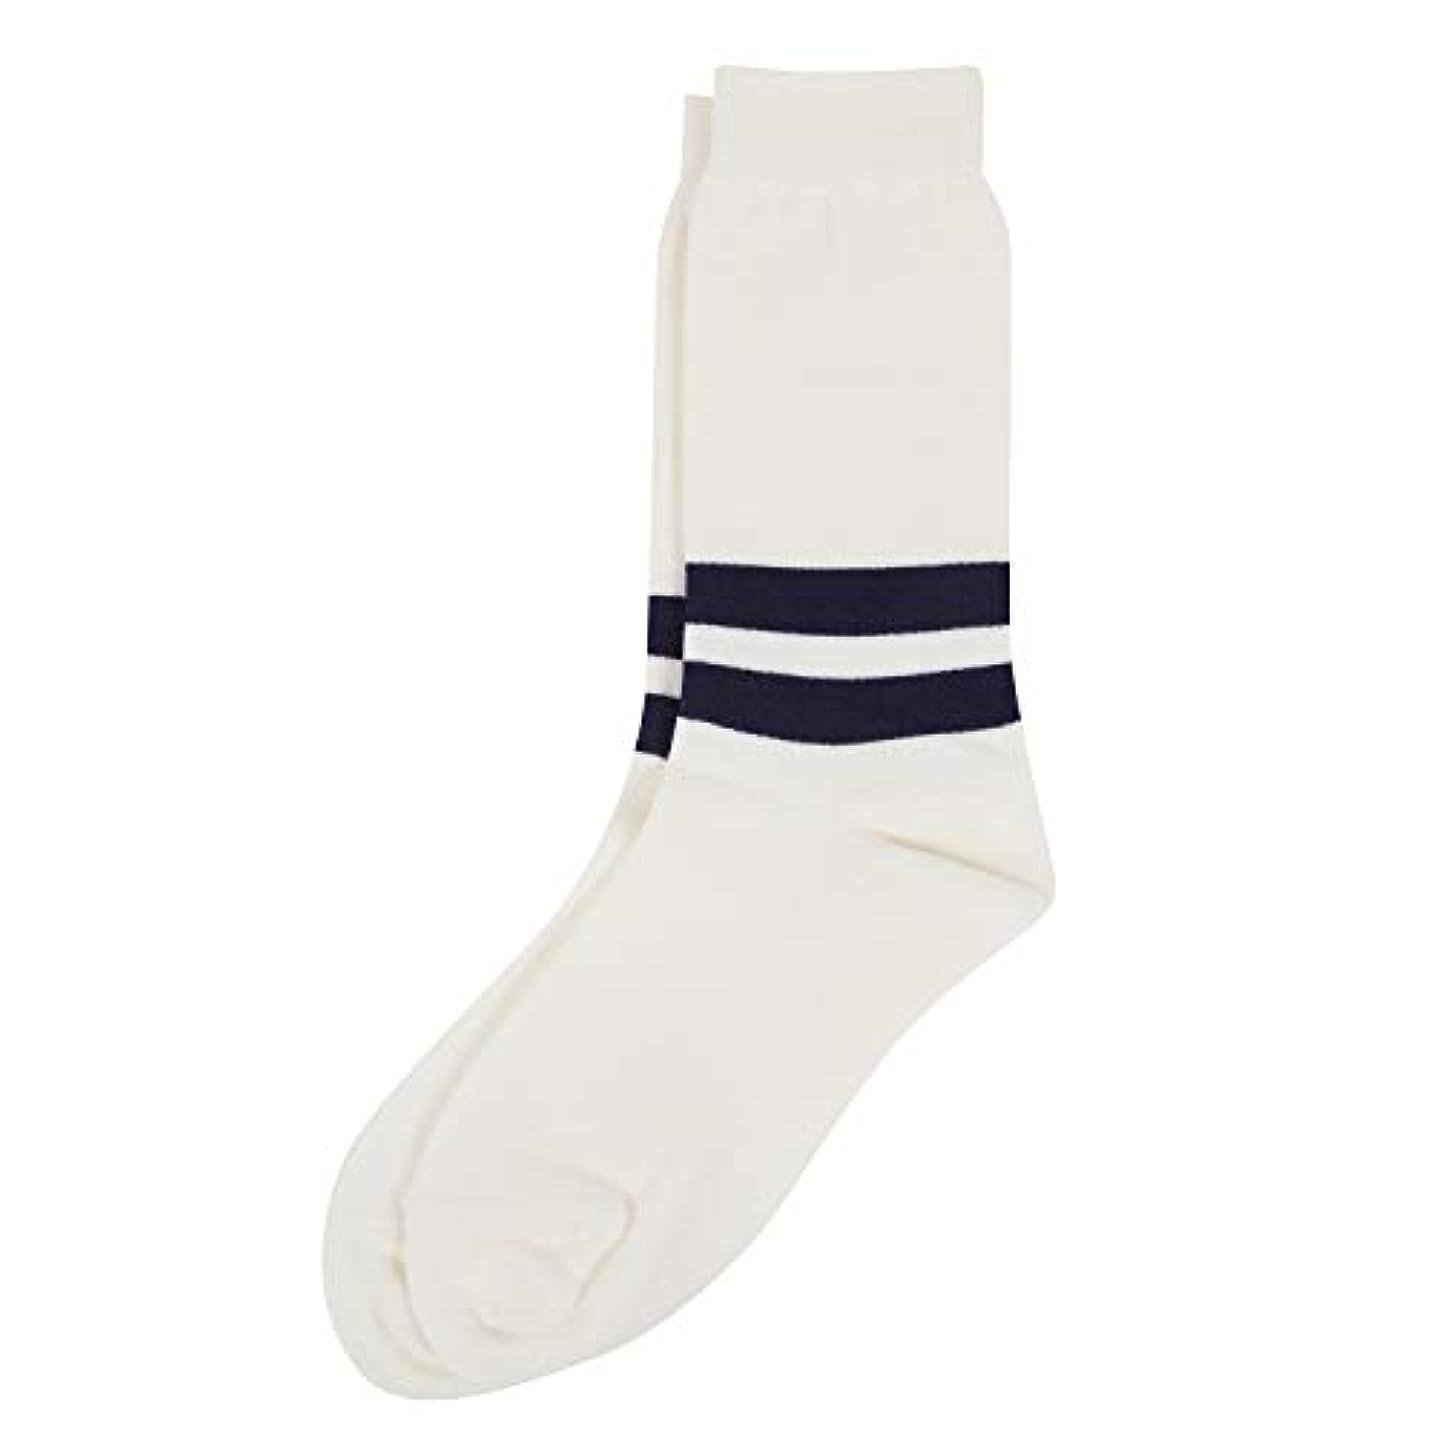 集中的な海岸死ぬDeol(デオル) ラインソックス 男性用 メンズ [足のニオイ対策] 長期間持続 日本製 無地 靴下 白 25cm-27cm